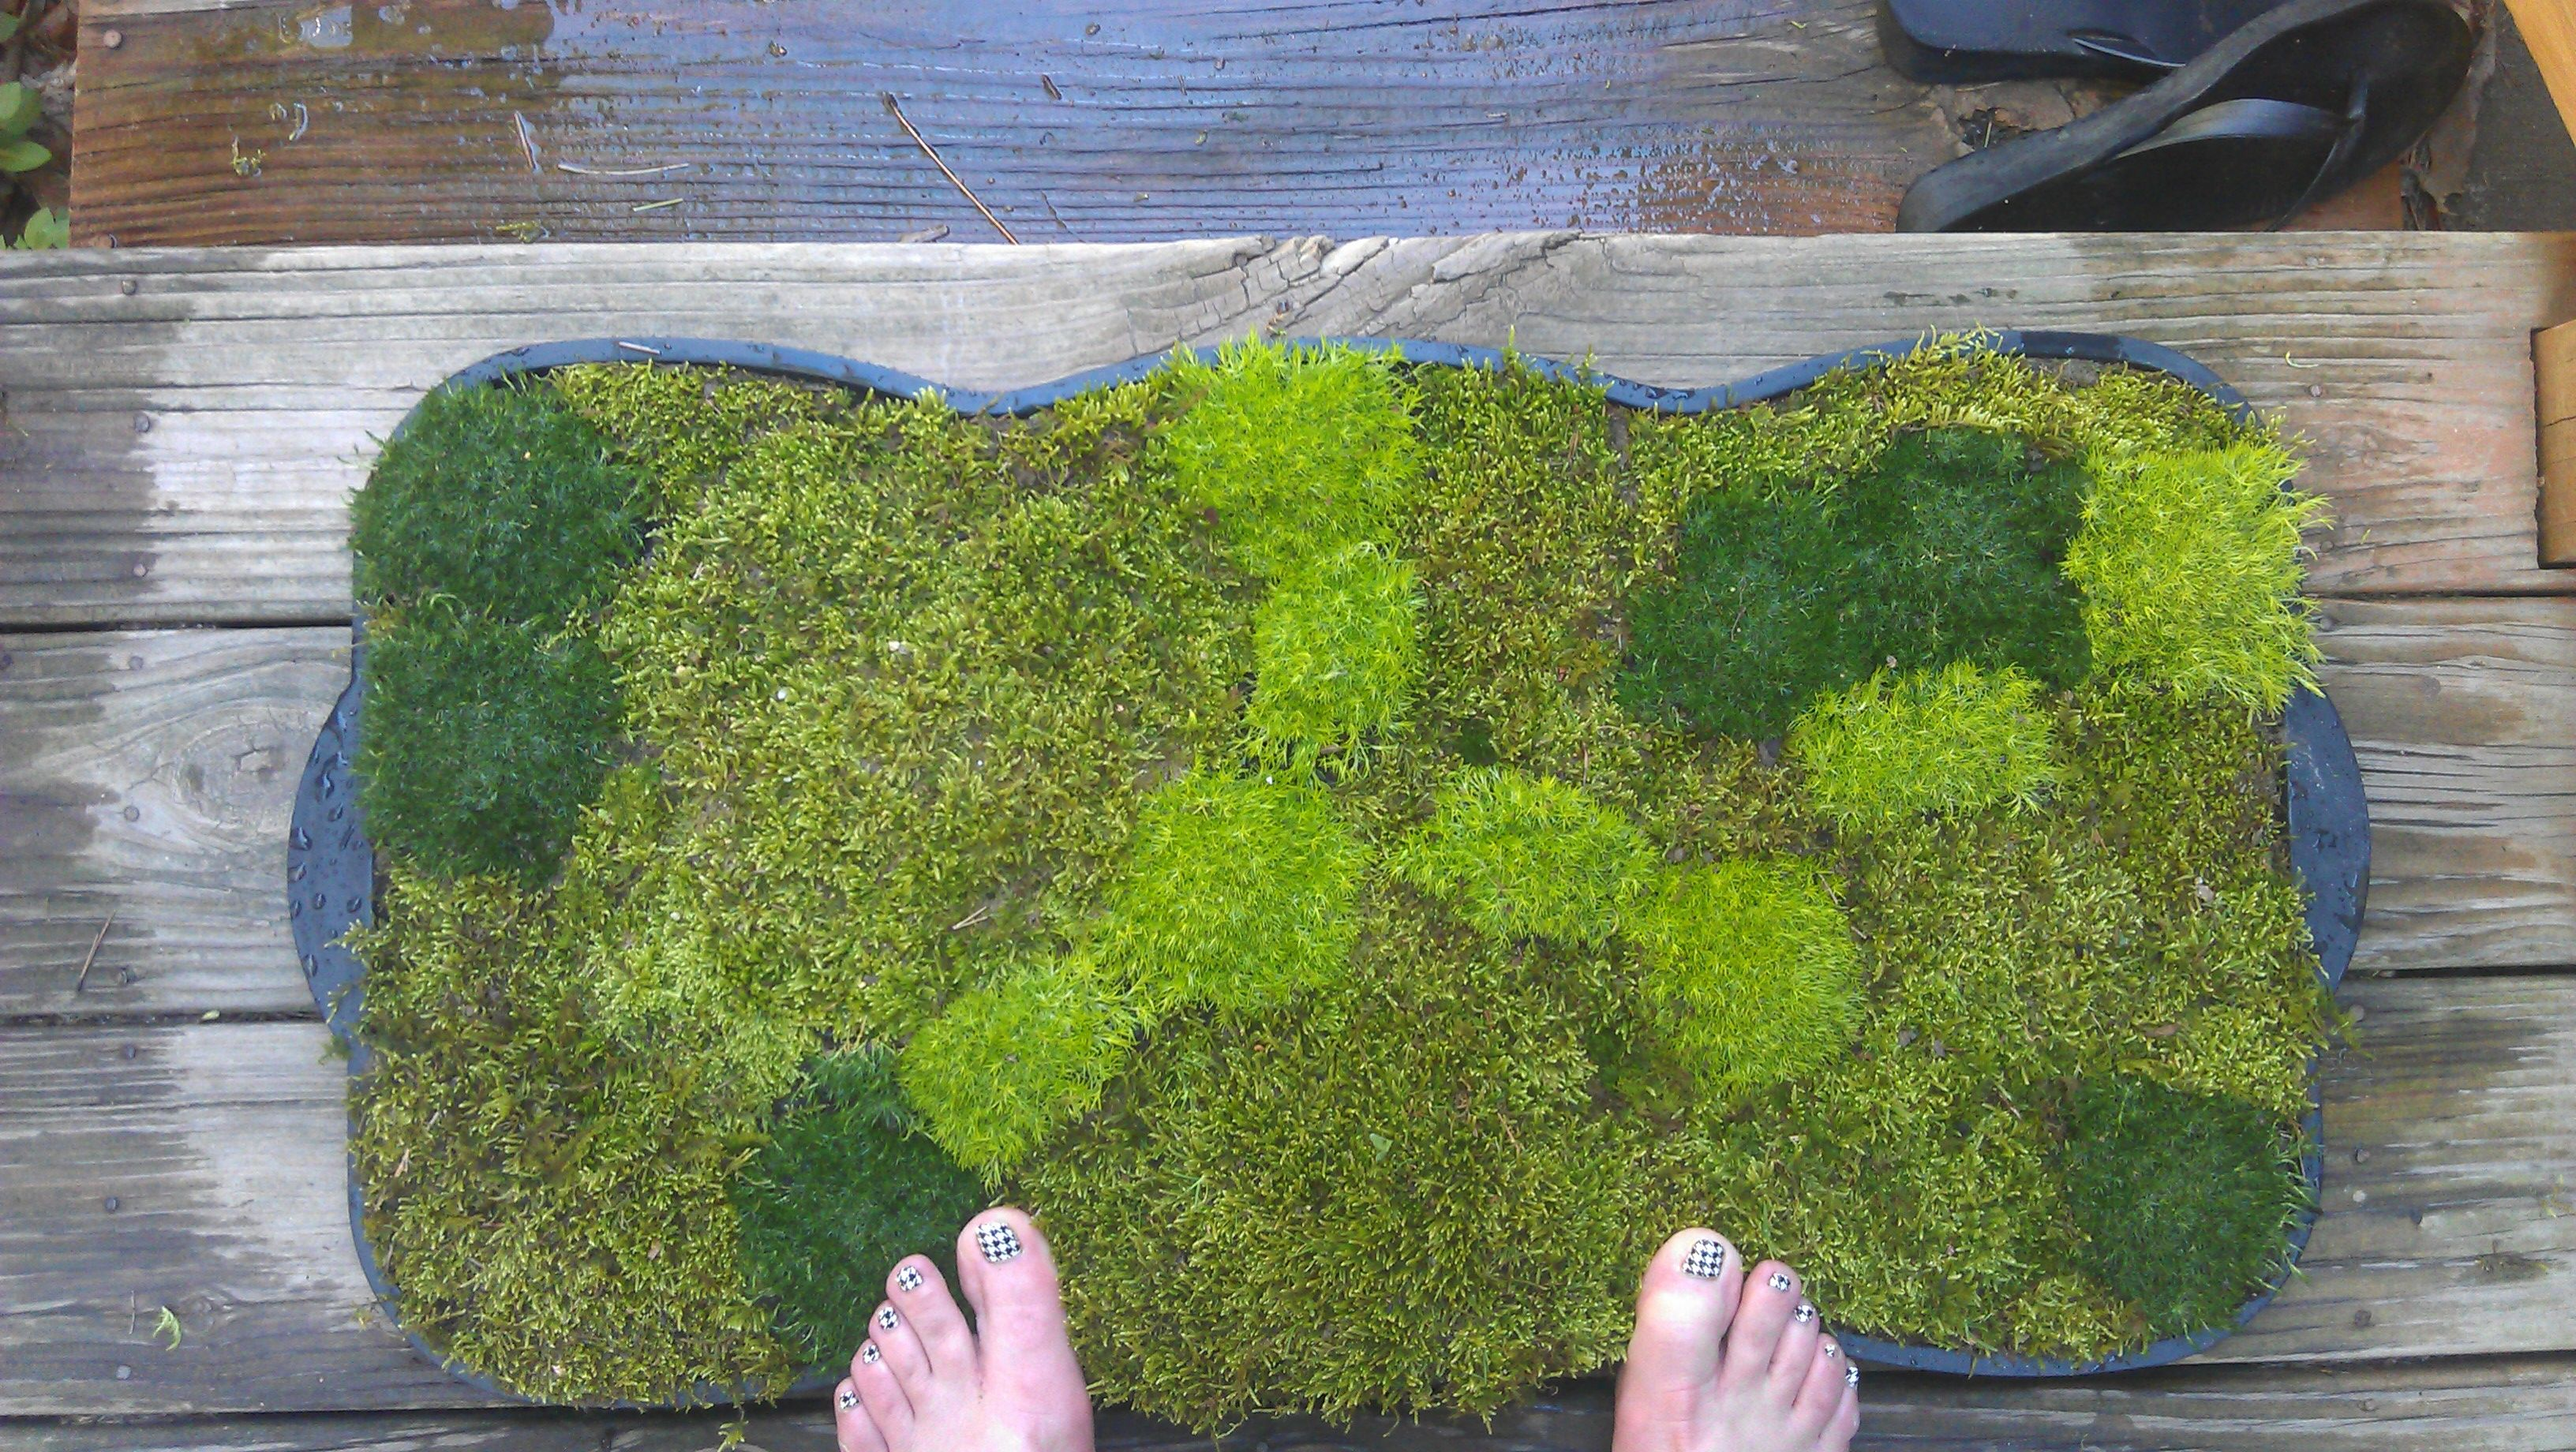 diy moss bathmat. diy moss bathmat   Projects ideas   Pinterest   Project ideas and